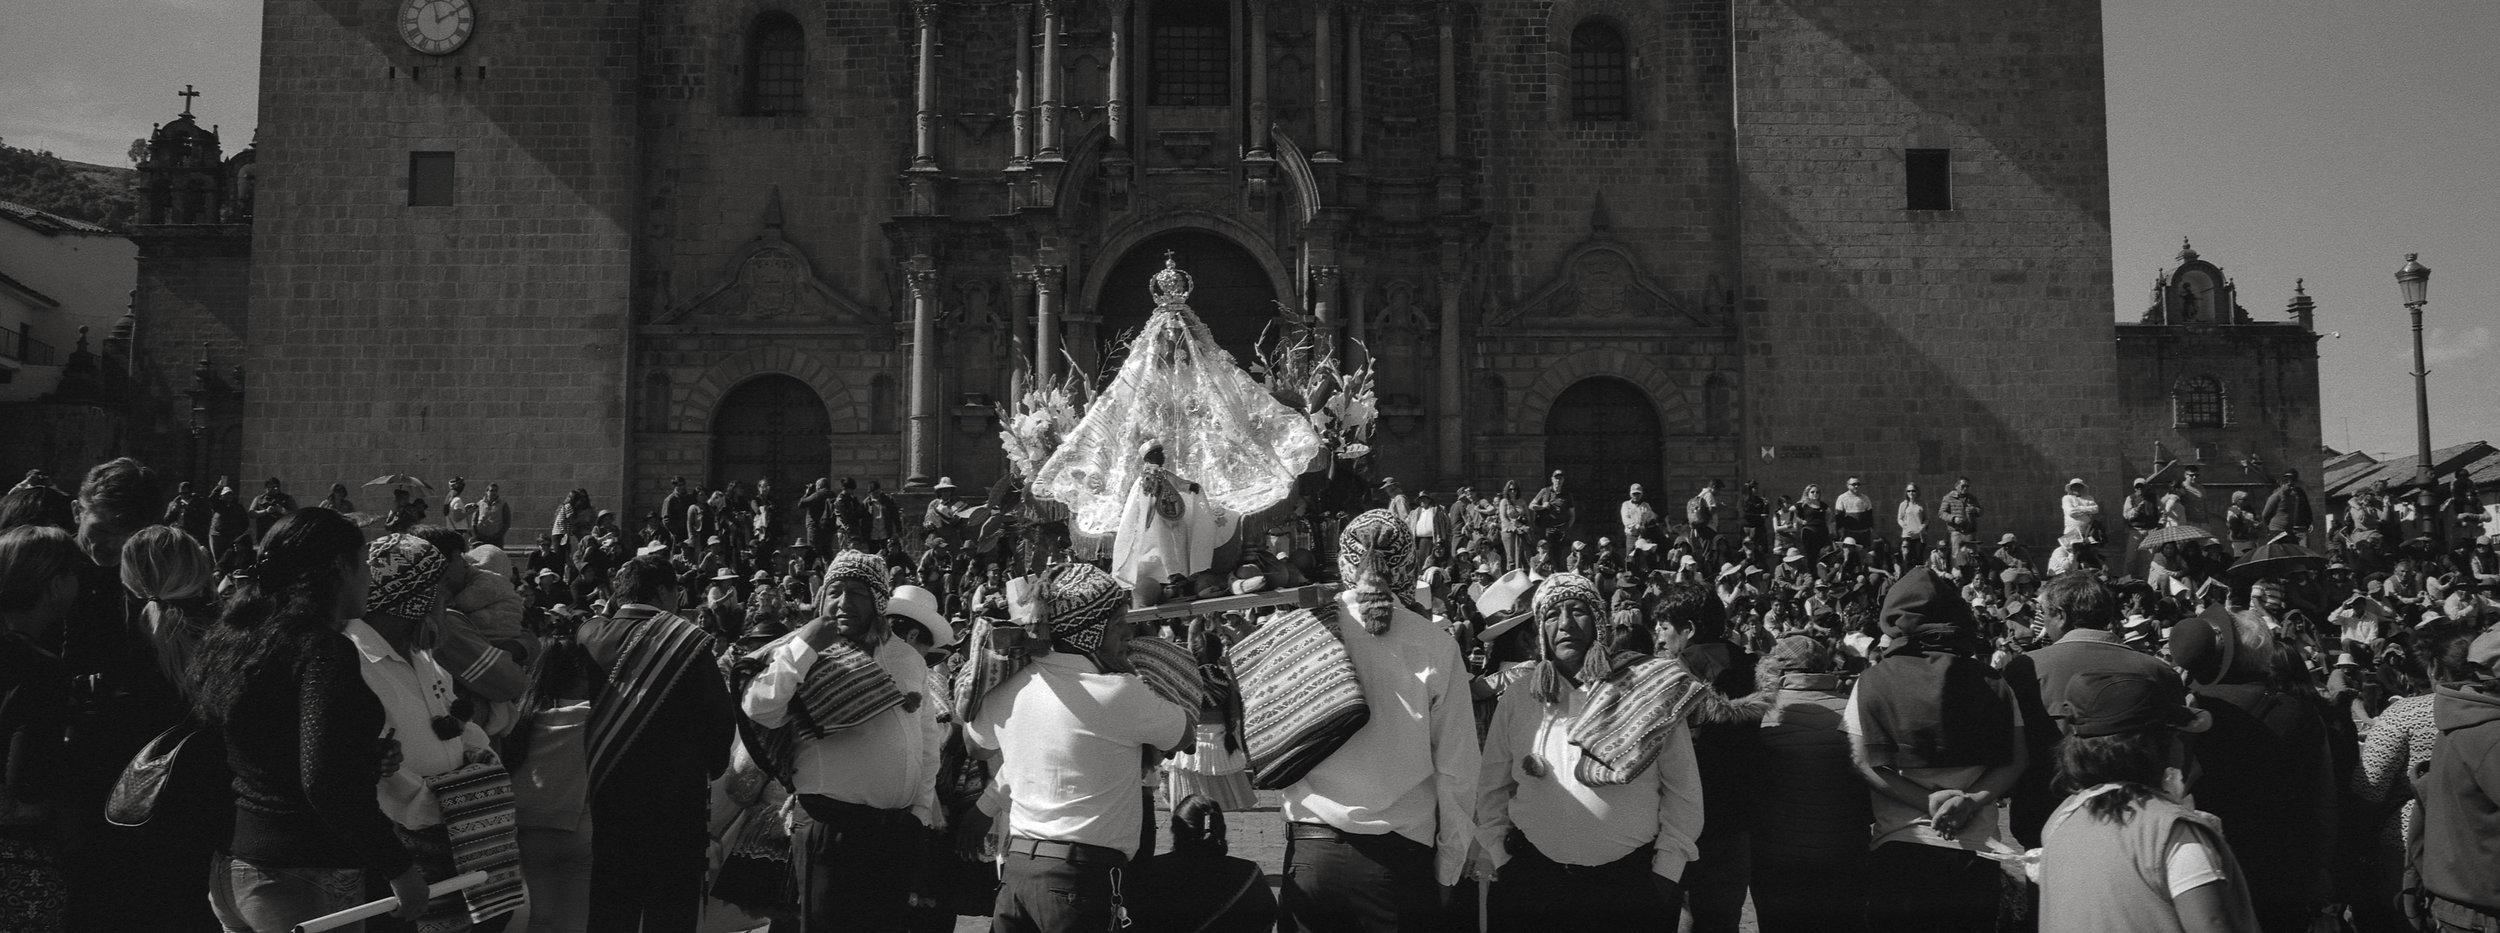 Parade, Cusco, Peru